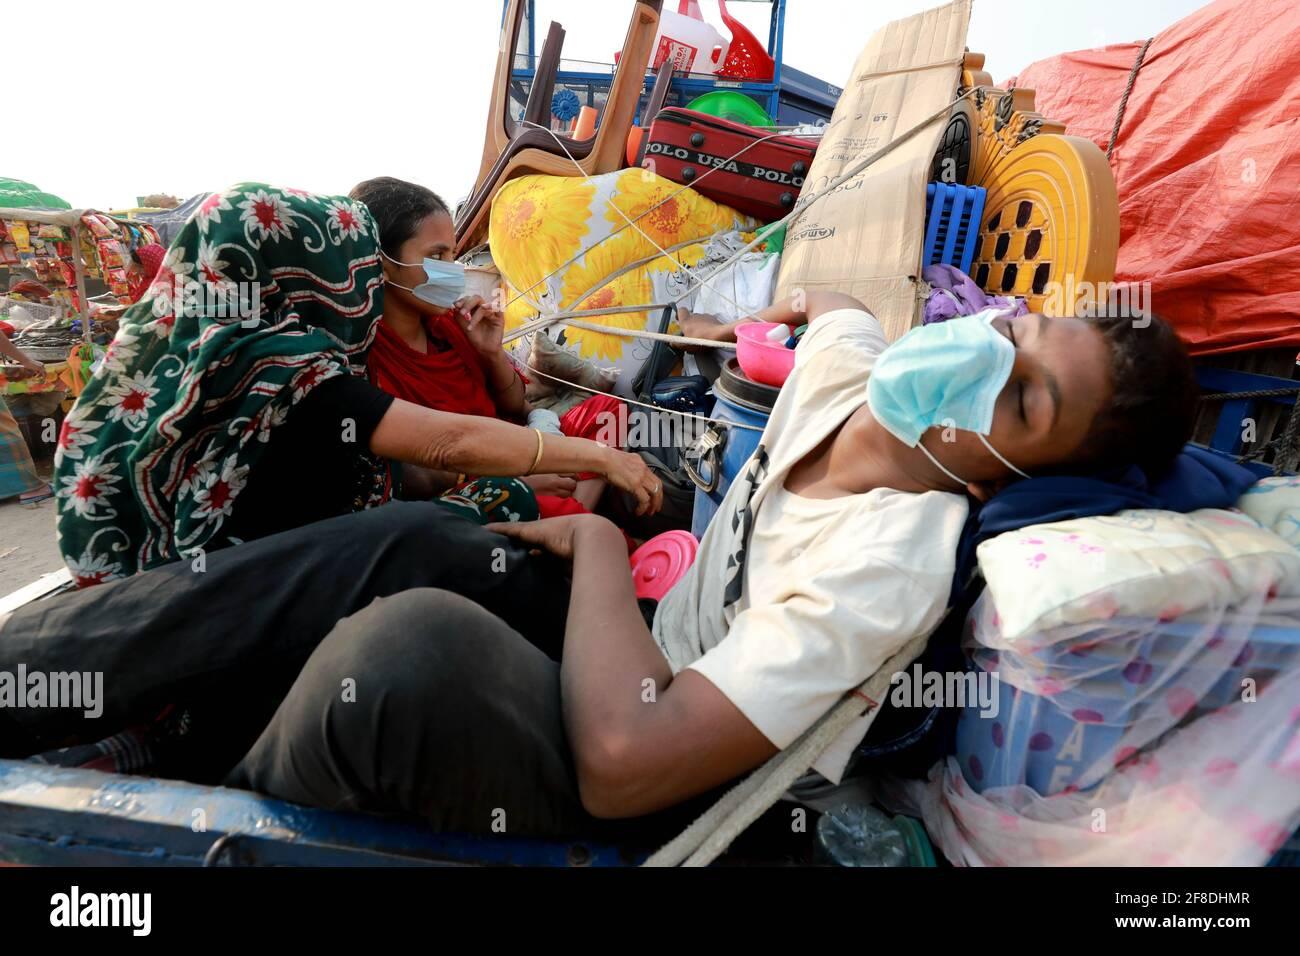 Dhaka, Dhaka, Bangladesh. 13th de Abr de 2021. La gente comienza a salir de Dhaka por delante de un nuevo bloqueo que se va a aplicar con reglas más estrictas. Una prisa de pasajeros con destino a casa se ve en la terminal de ferry de Shimulia Crédito: Harun-or-Rashid/ZUMA Wire/Alamy Live News Foto de stock